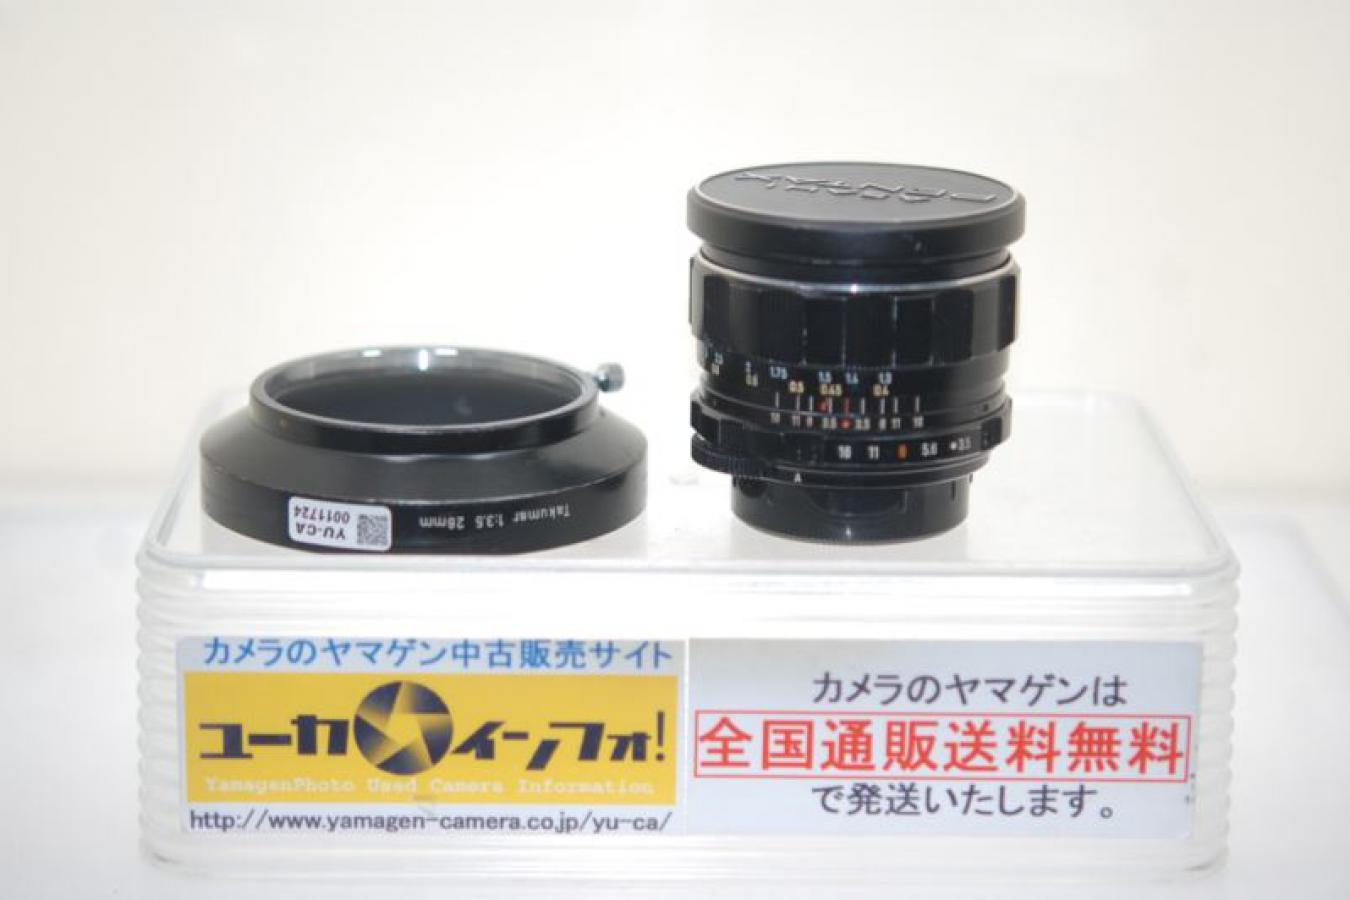 ペンタックス スーパータクマー 28mm F3.5 初期型 【純正メタルフード付】